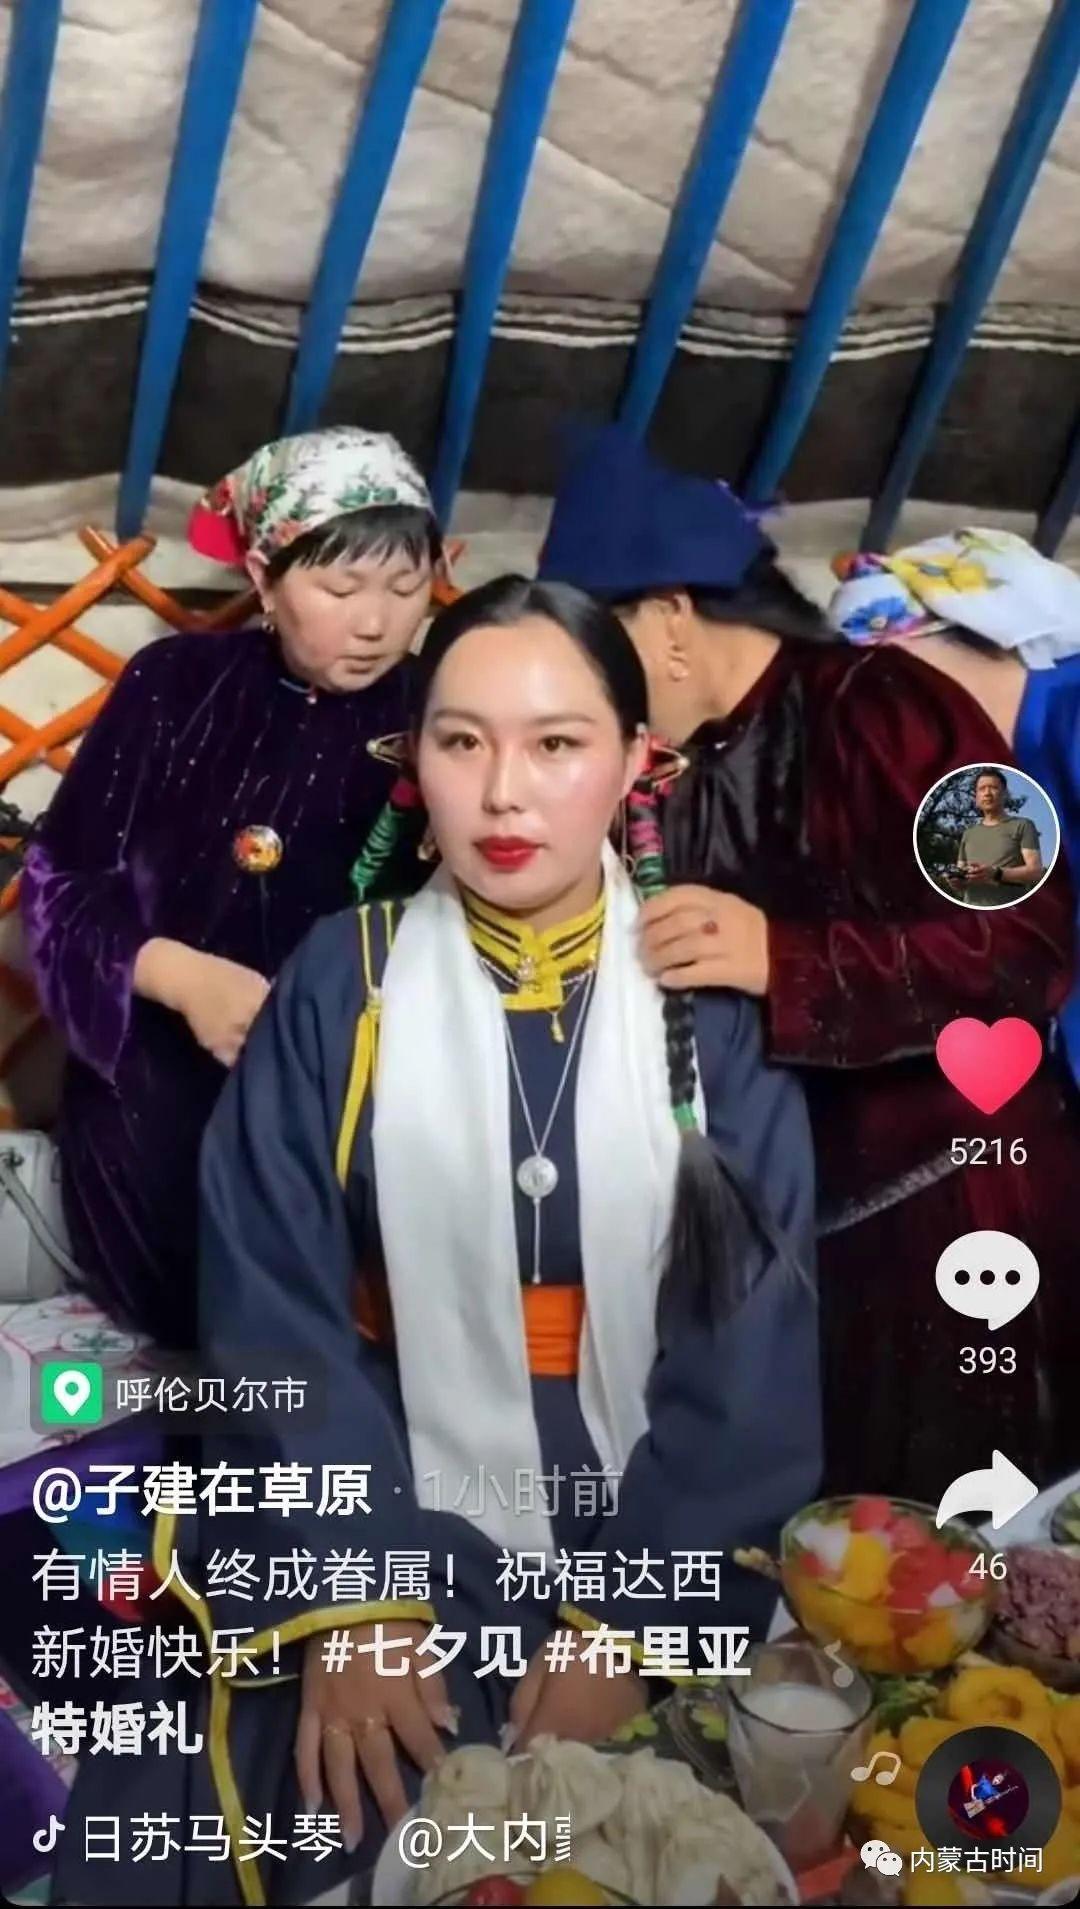 七夕,邂逅一场布里亚特婚礼! 第17张 七夕,邂逅一场布里亚特婚礼! 蒙古文化